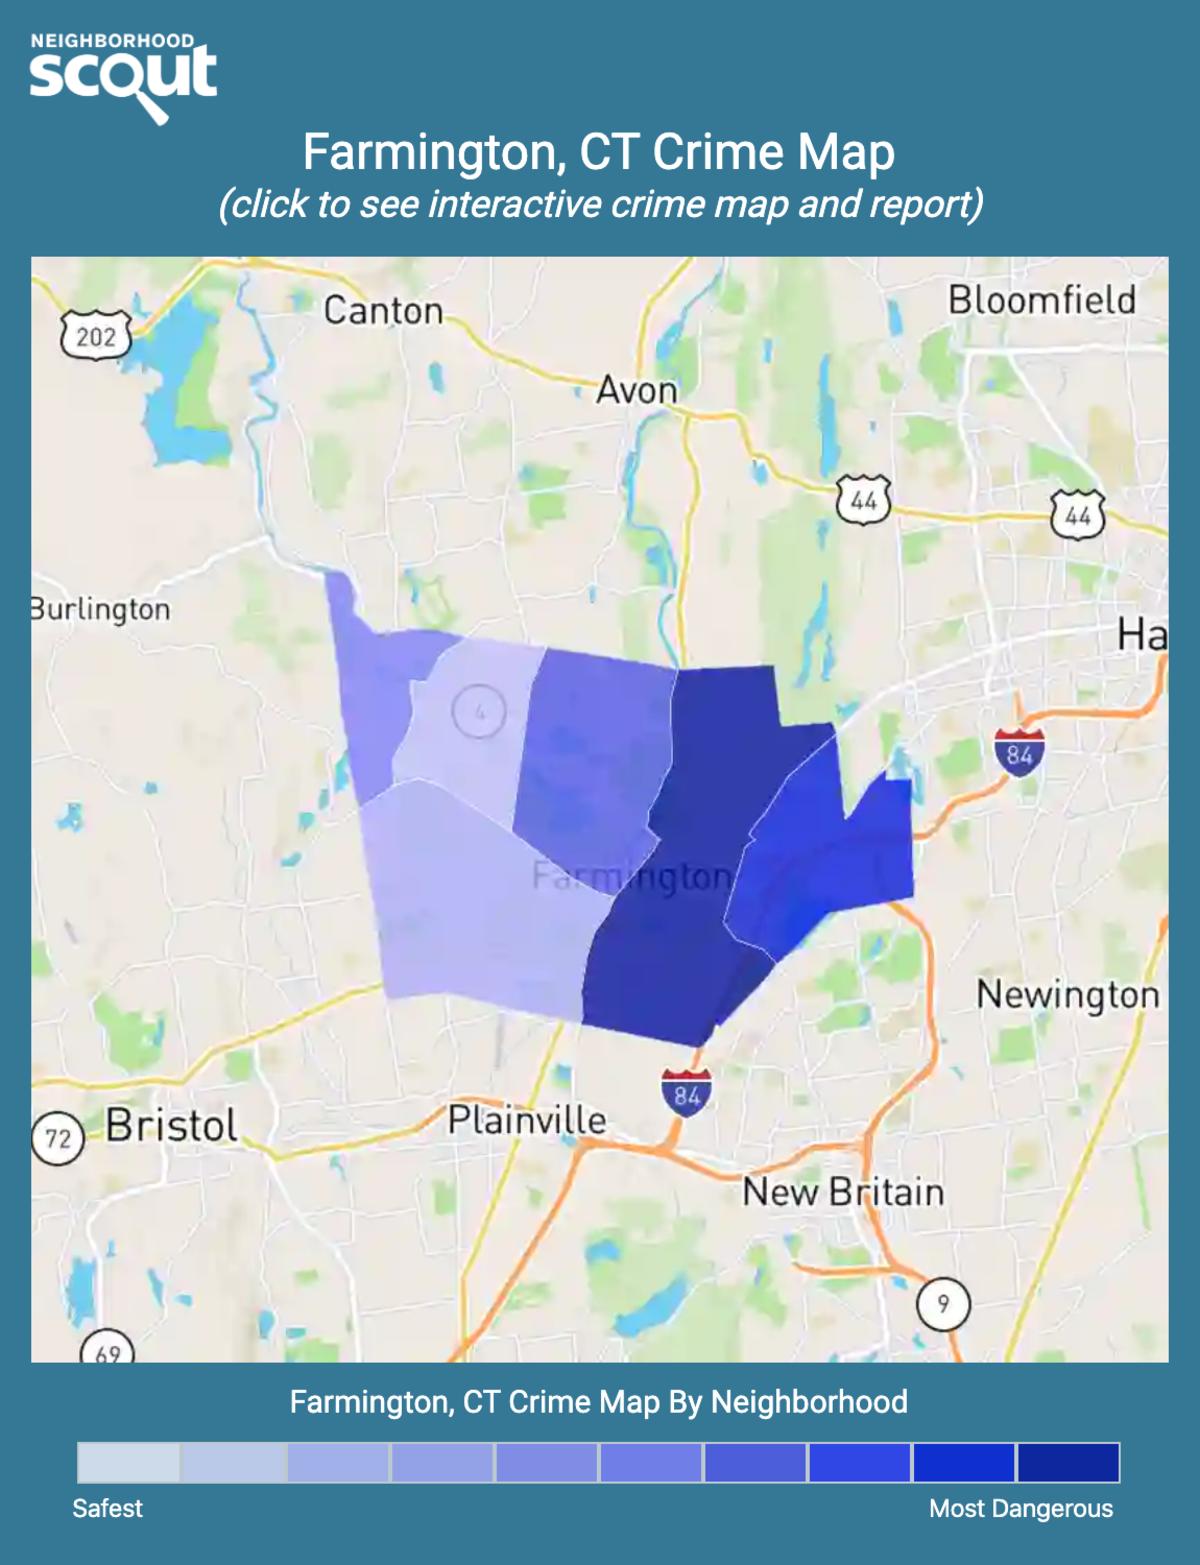 Farmington, Connecticut crime map